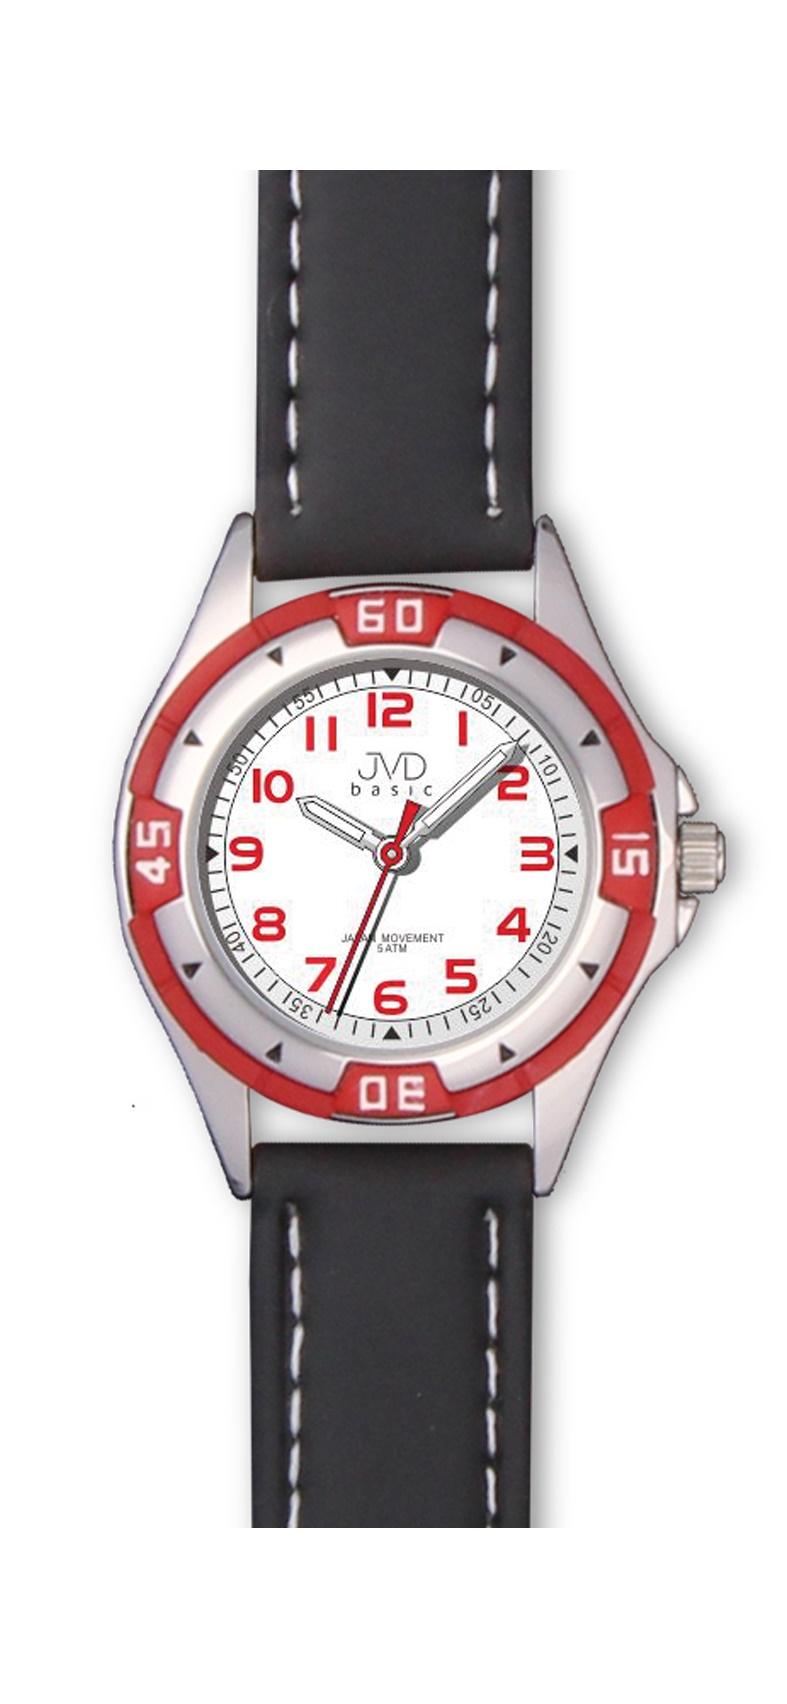 Chlapecké dětské voděodolné sportovní hodinky JVD J7099.1 - 5ATM cd82fe7723